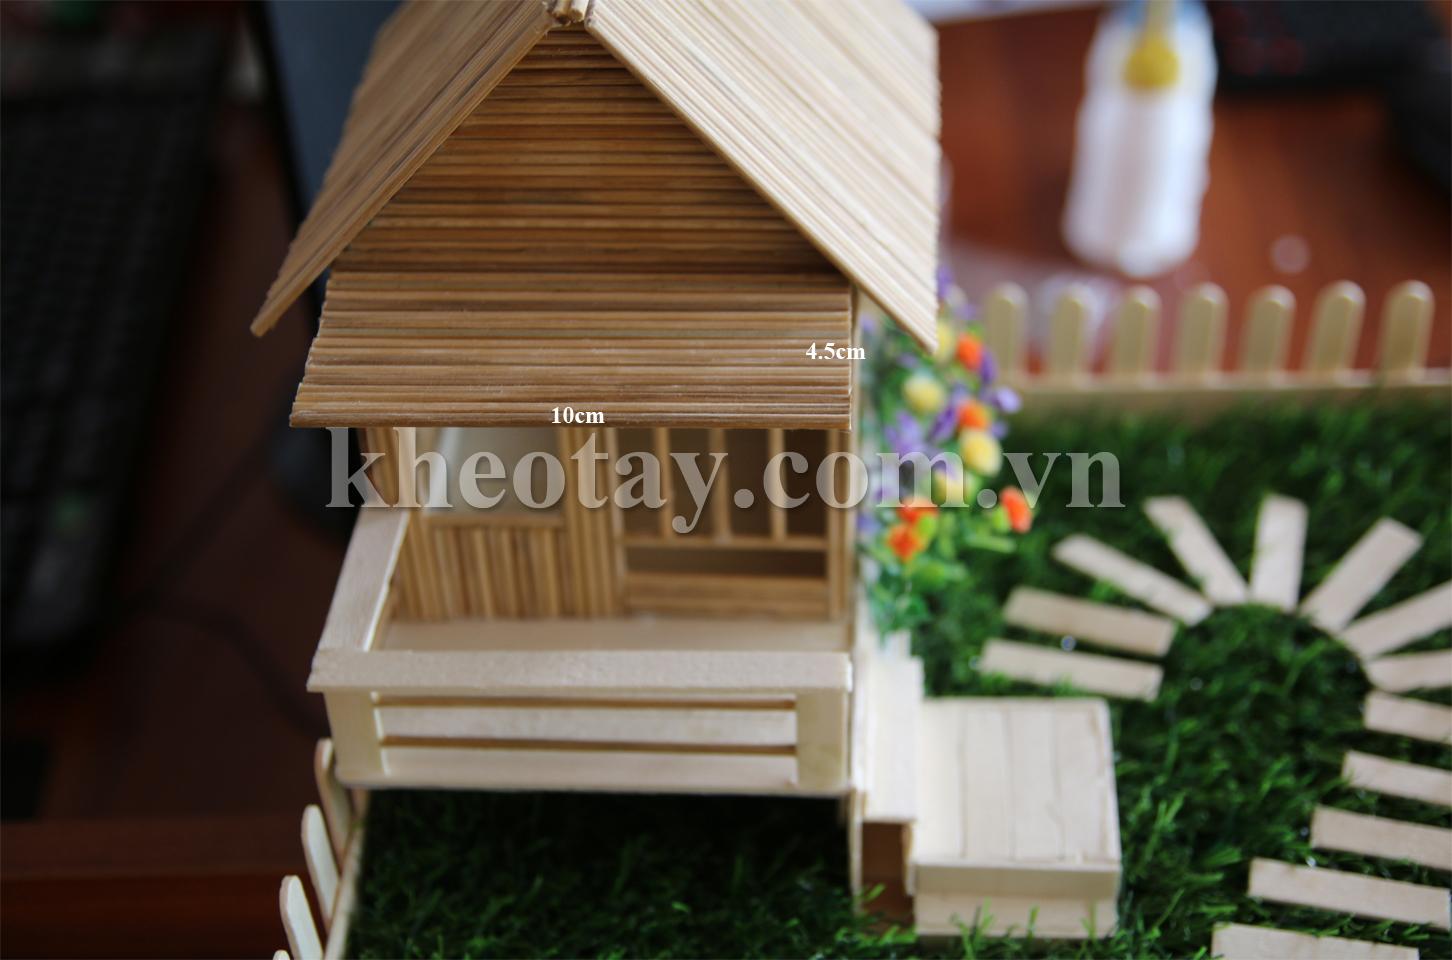 Cách làm nhà tăm tre đơn giản - Mẫu mới - Hình 7